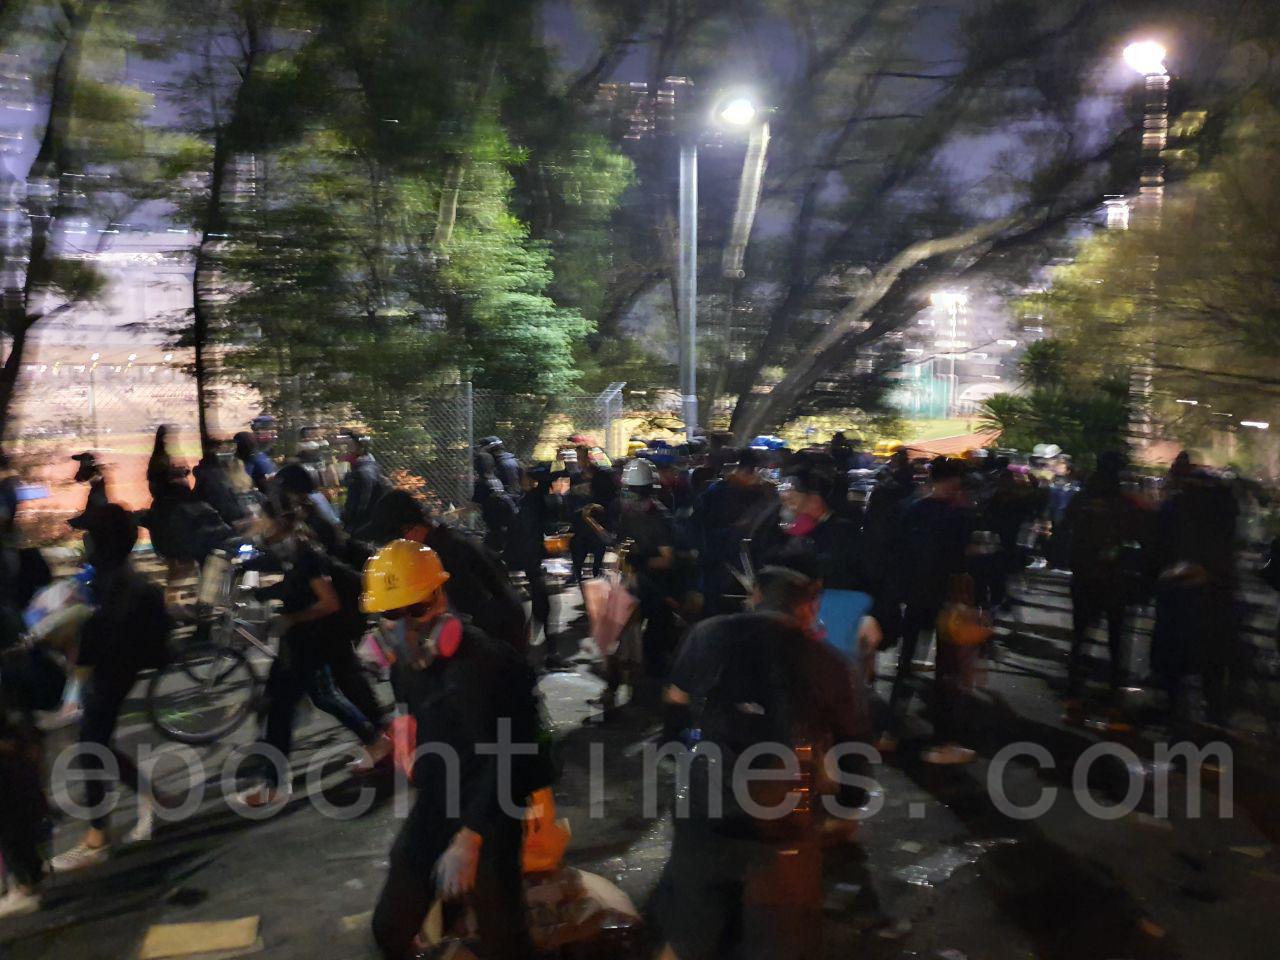 12日,進入晚間,防暴警向中大發動更猛烈攻勢,學生與防暴警長時間對峙。(孫明國/大紀元)